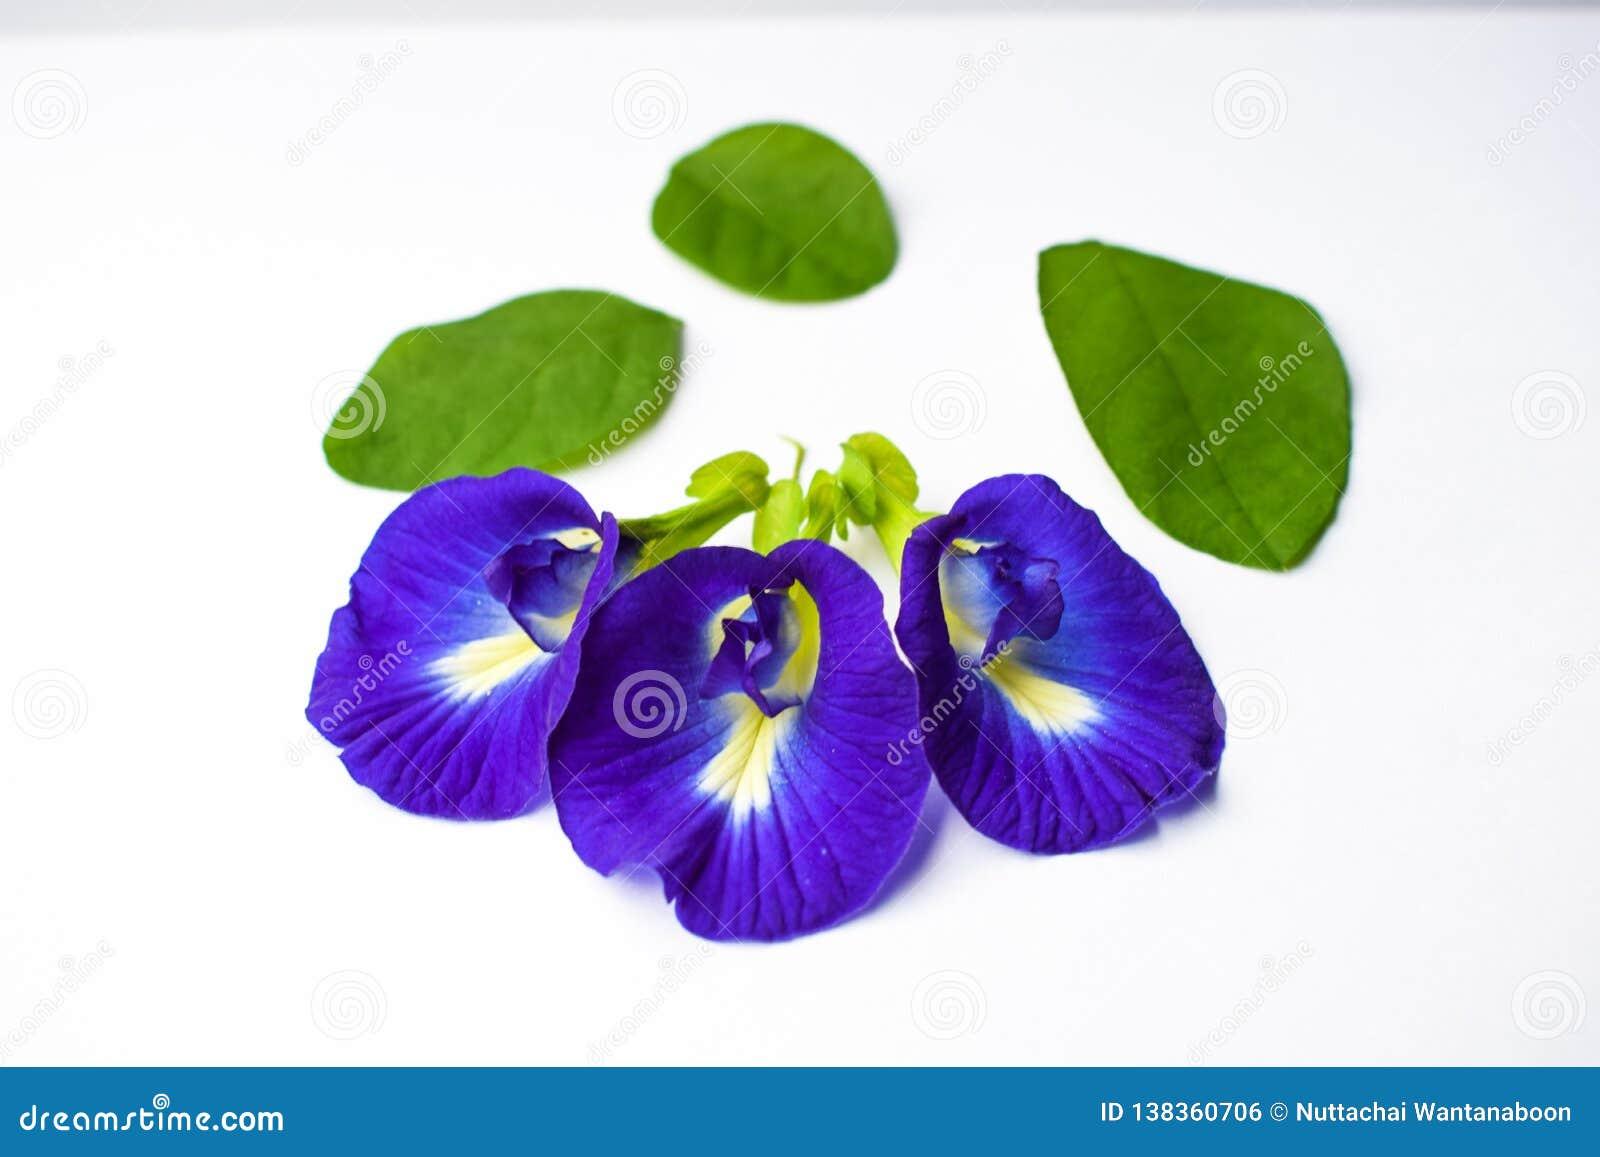 De mooie Purpere Bloem, sluit omhoog Vlinder Pea Flower op Witte Achtergrond